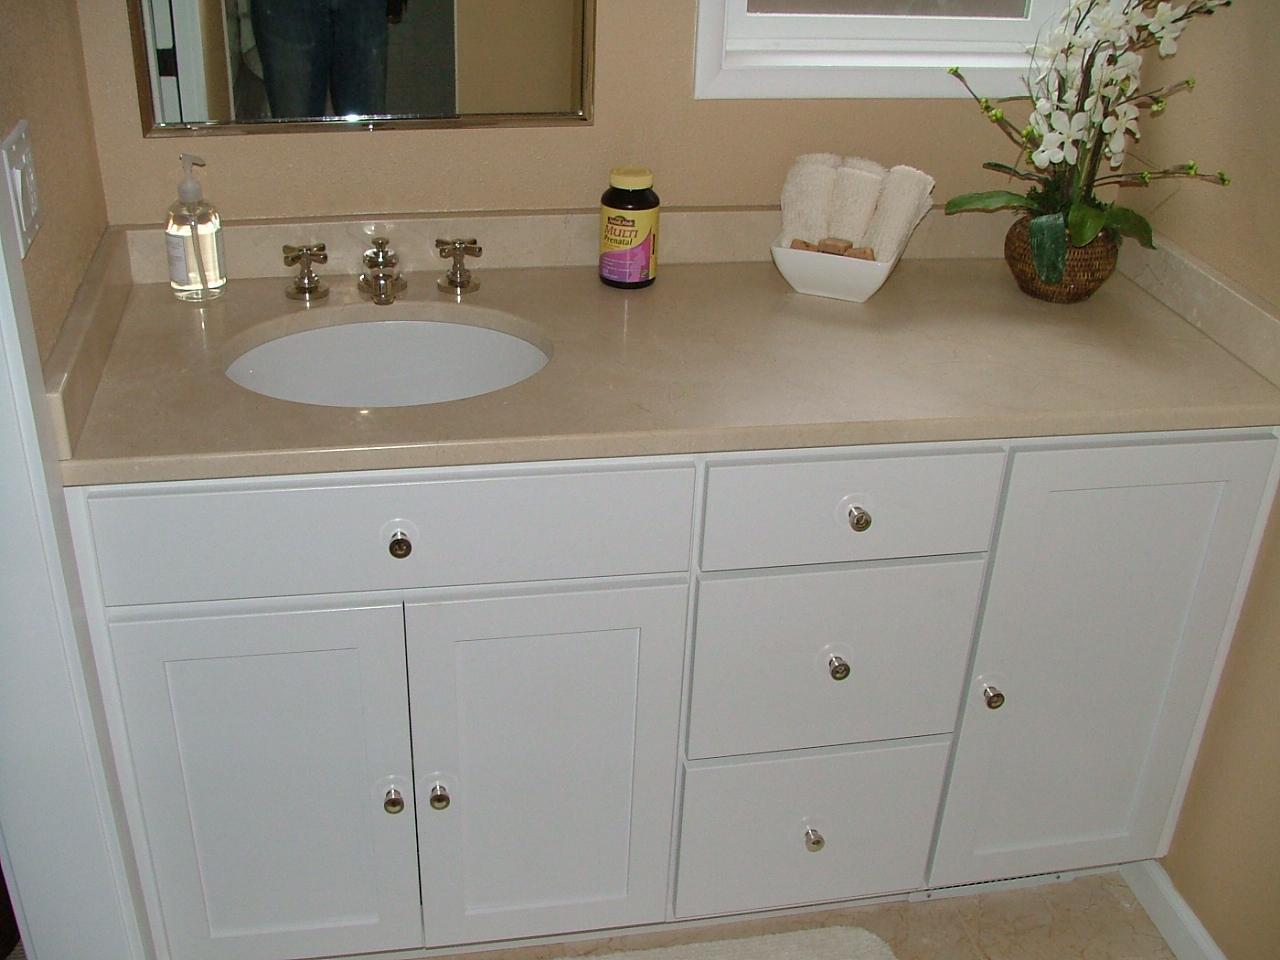 2 bathroom remodel - master bathroom-dscf0080.jpg